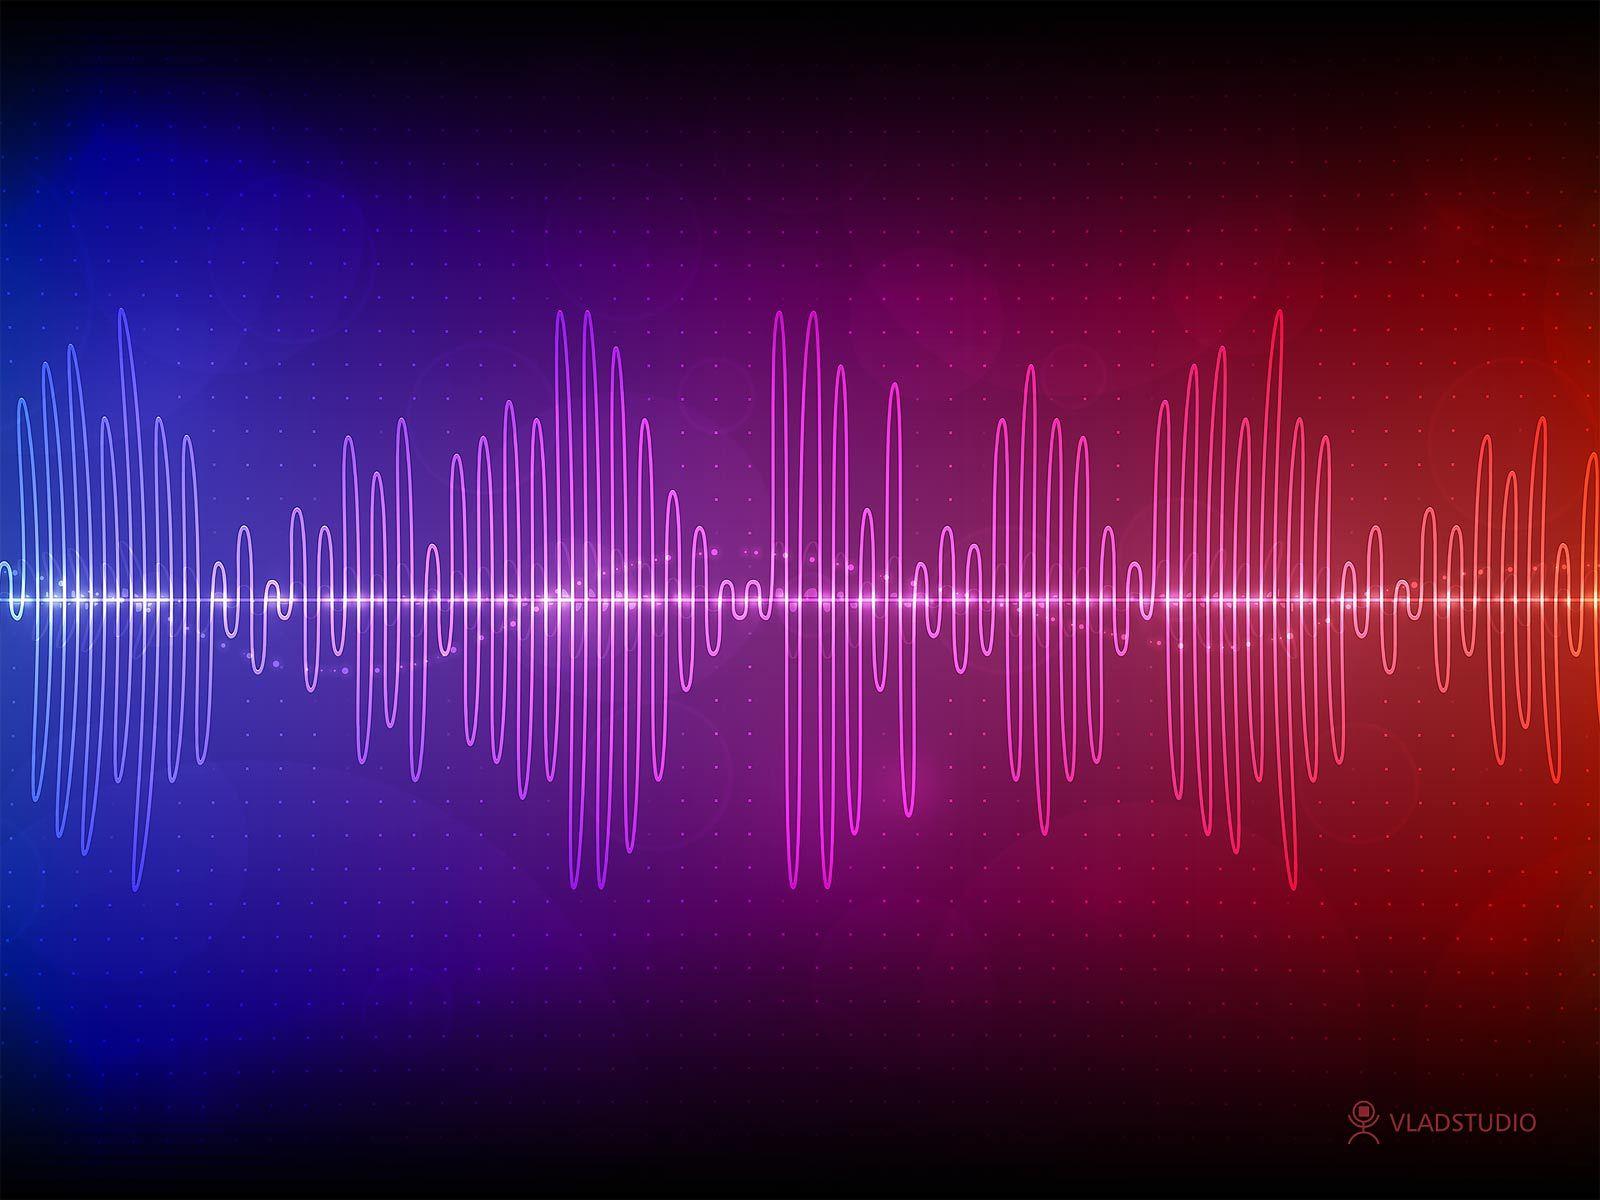 Sound Wave Sound Waves Waves Wallpaper Desktop Pictures